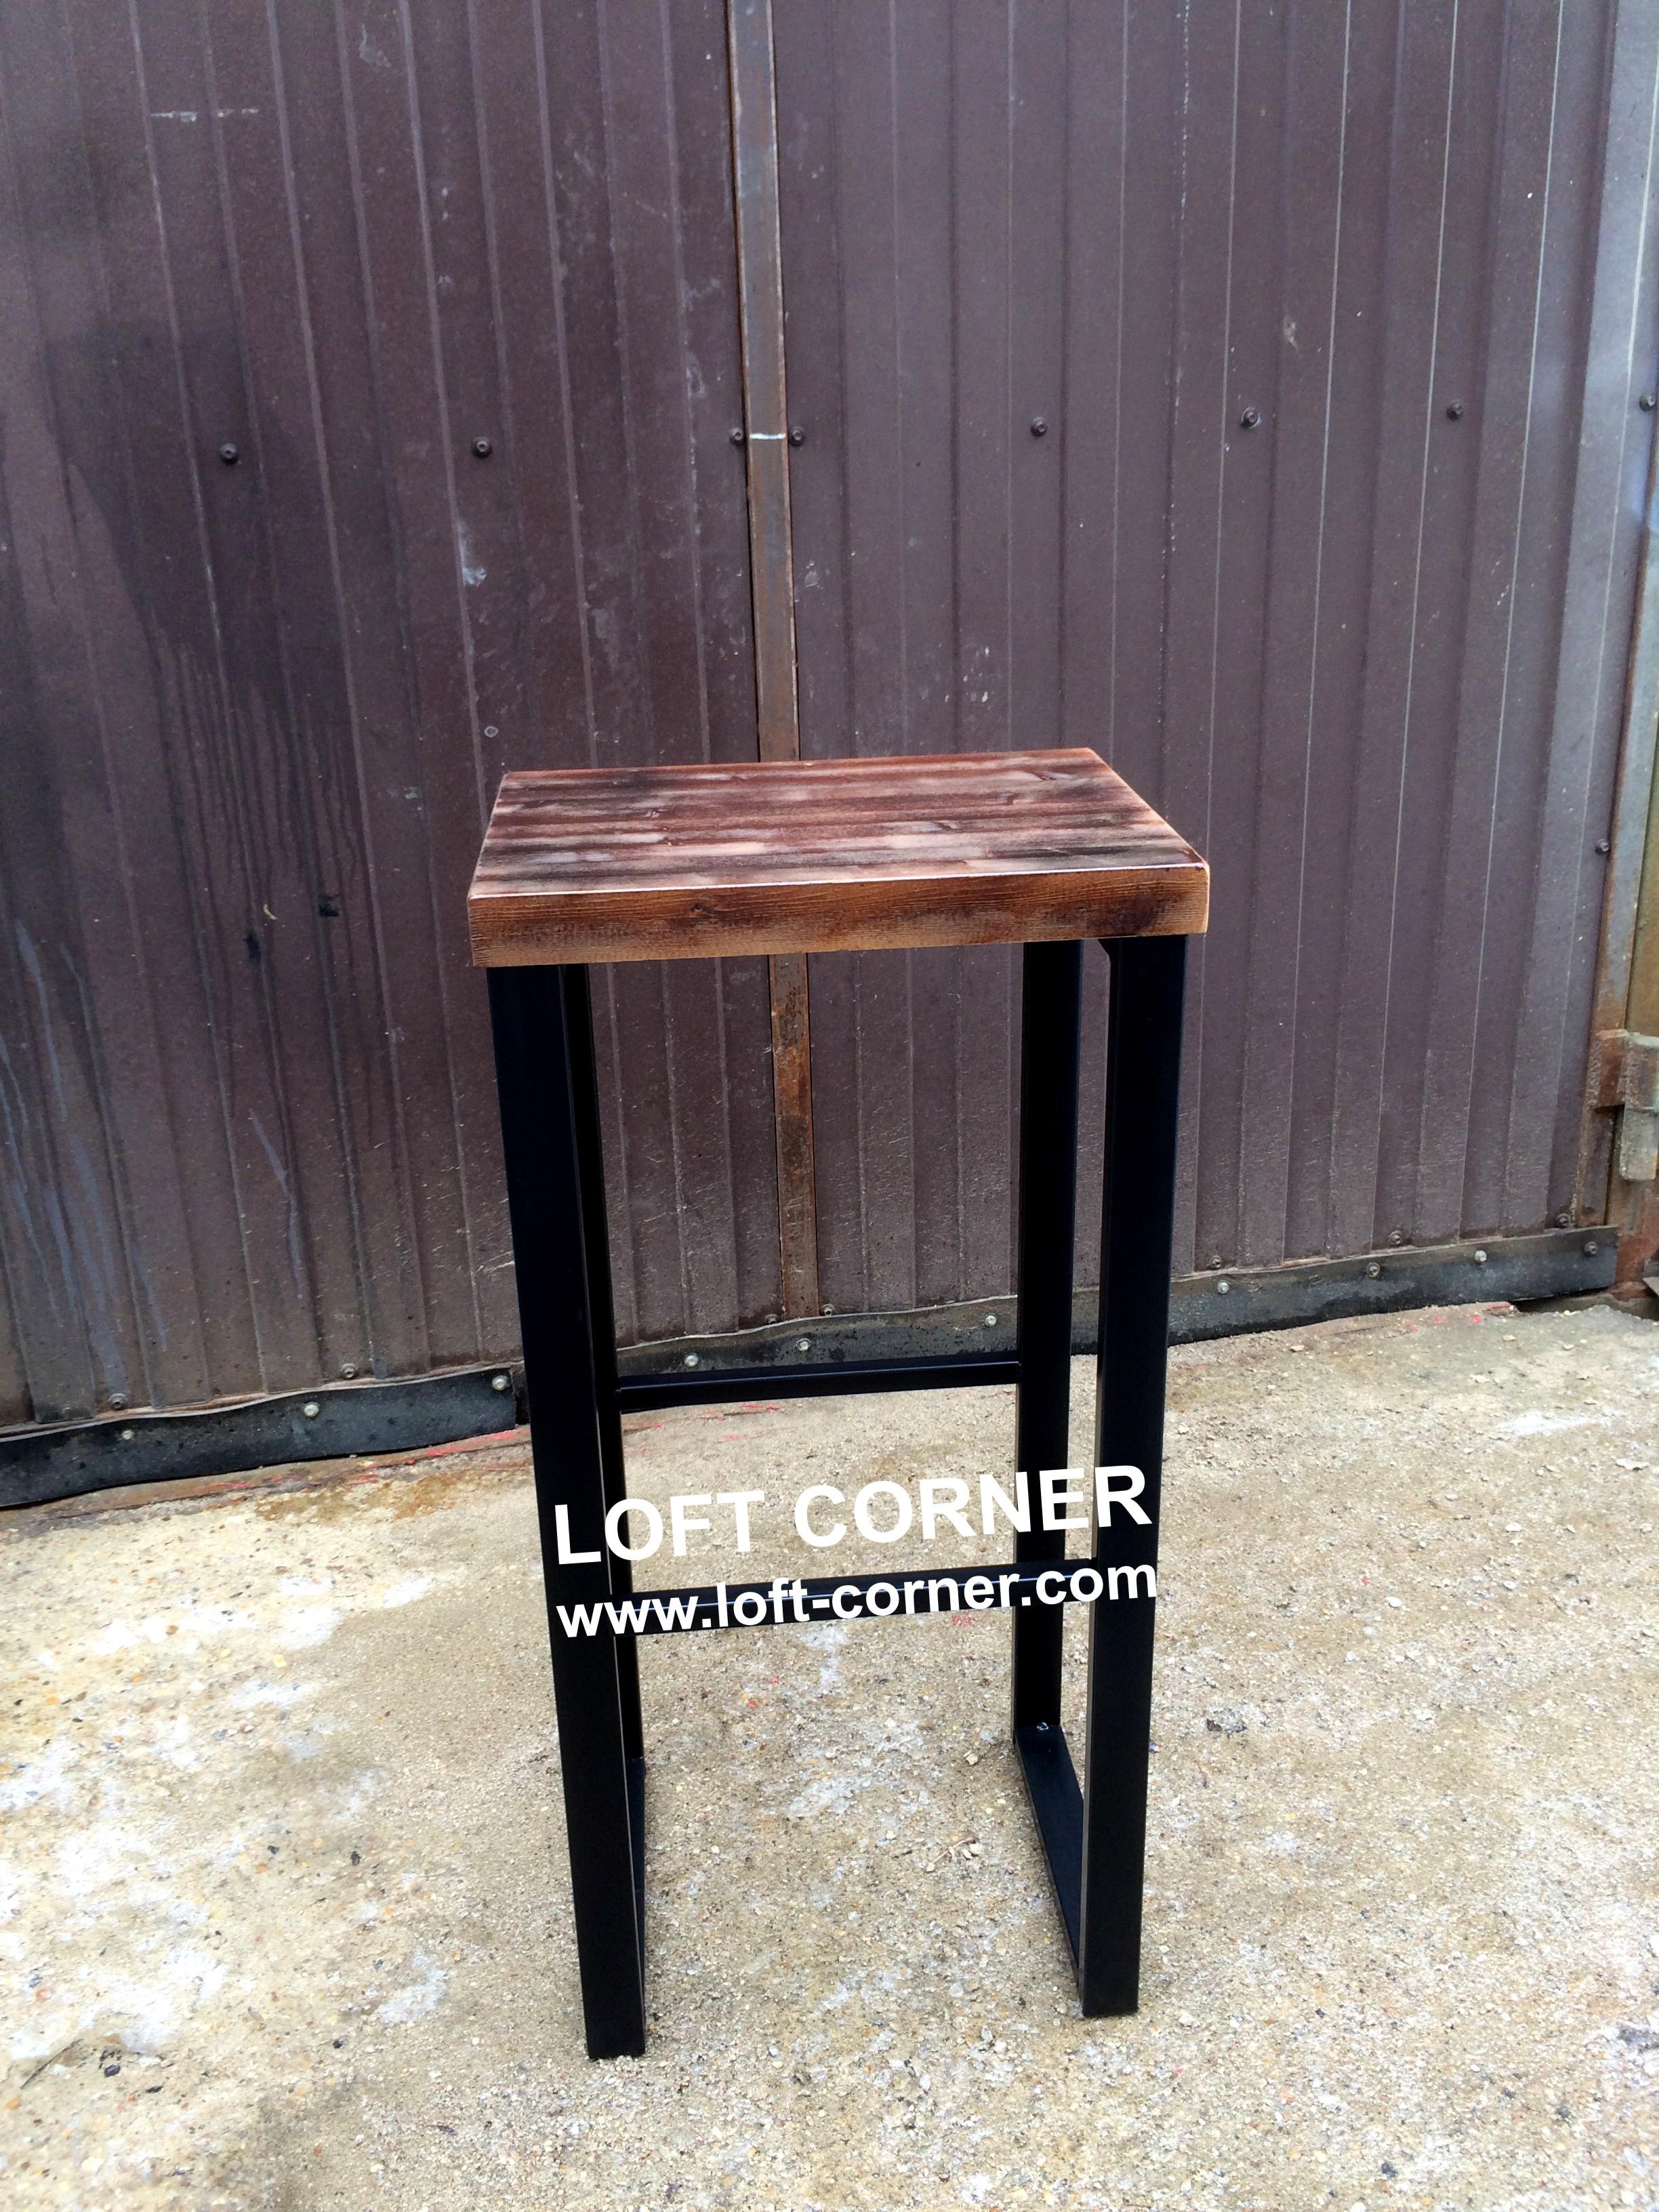 Барный стул индастриал, барный табурет, мебель лофт, производство мебели индастриал лофт